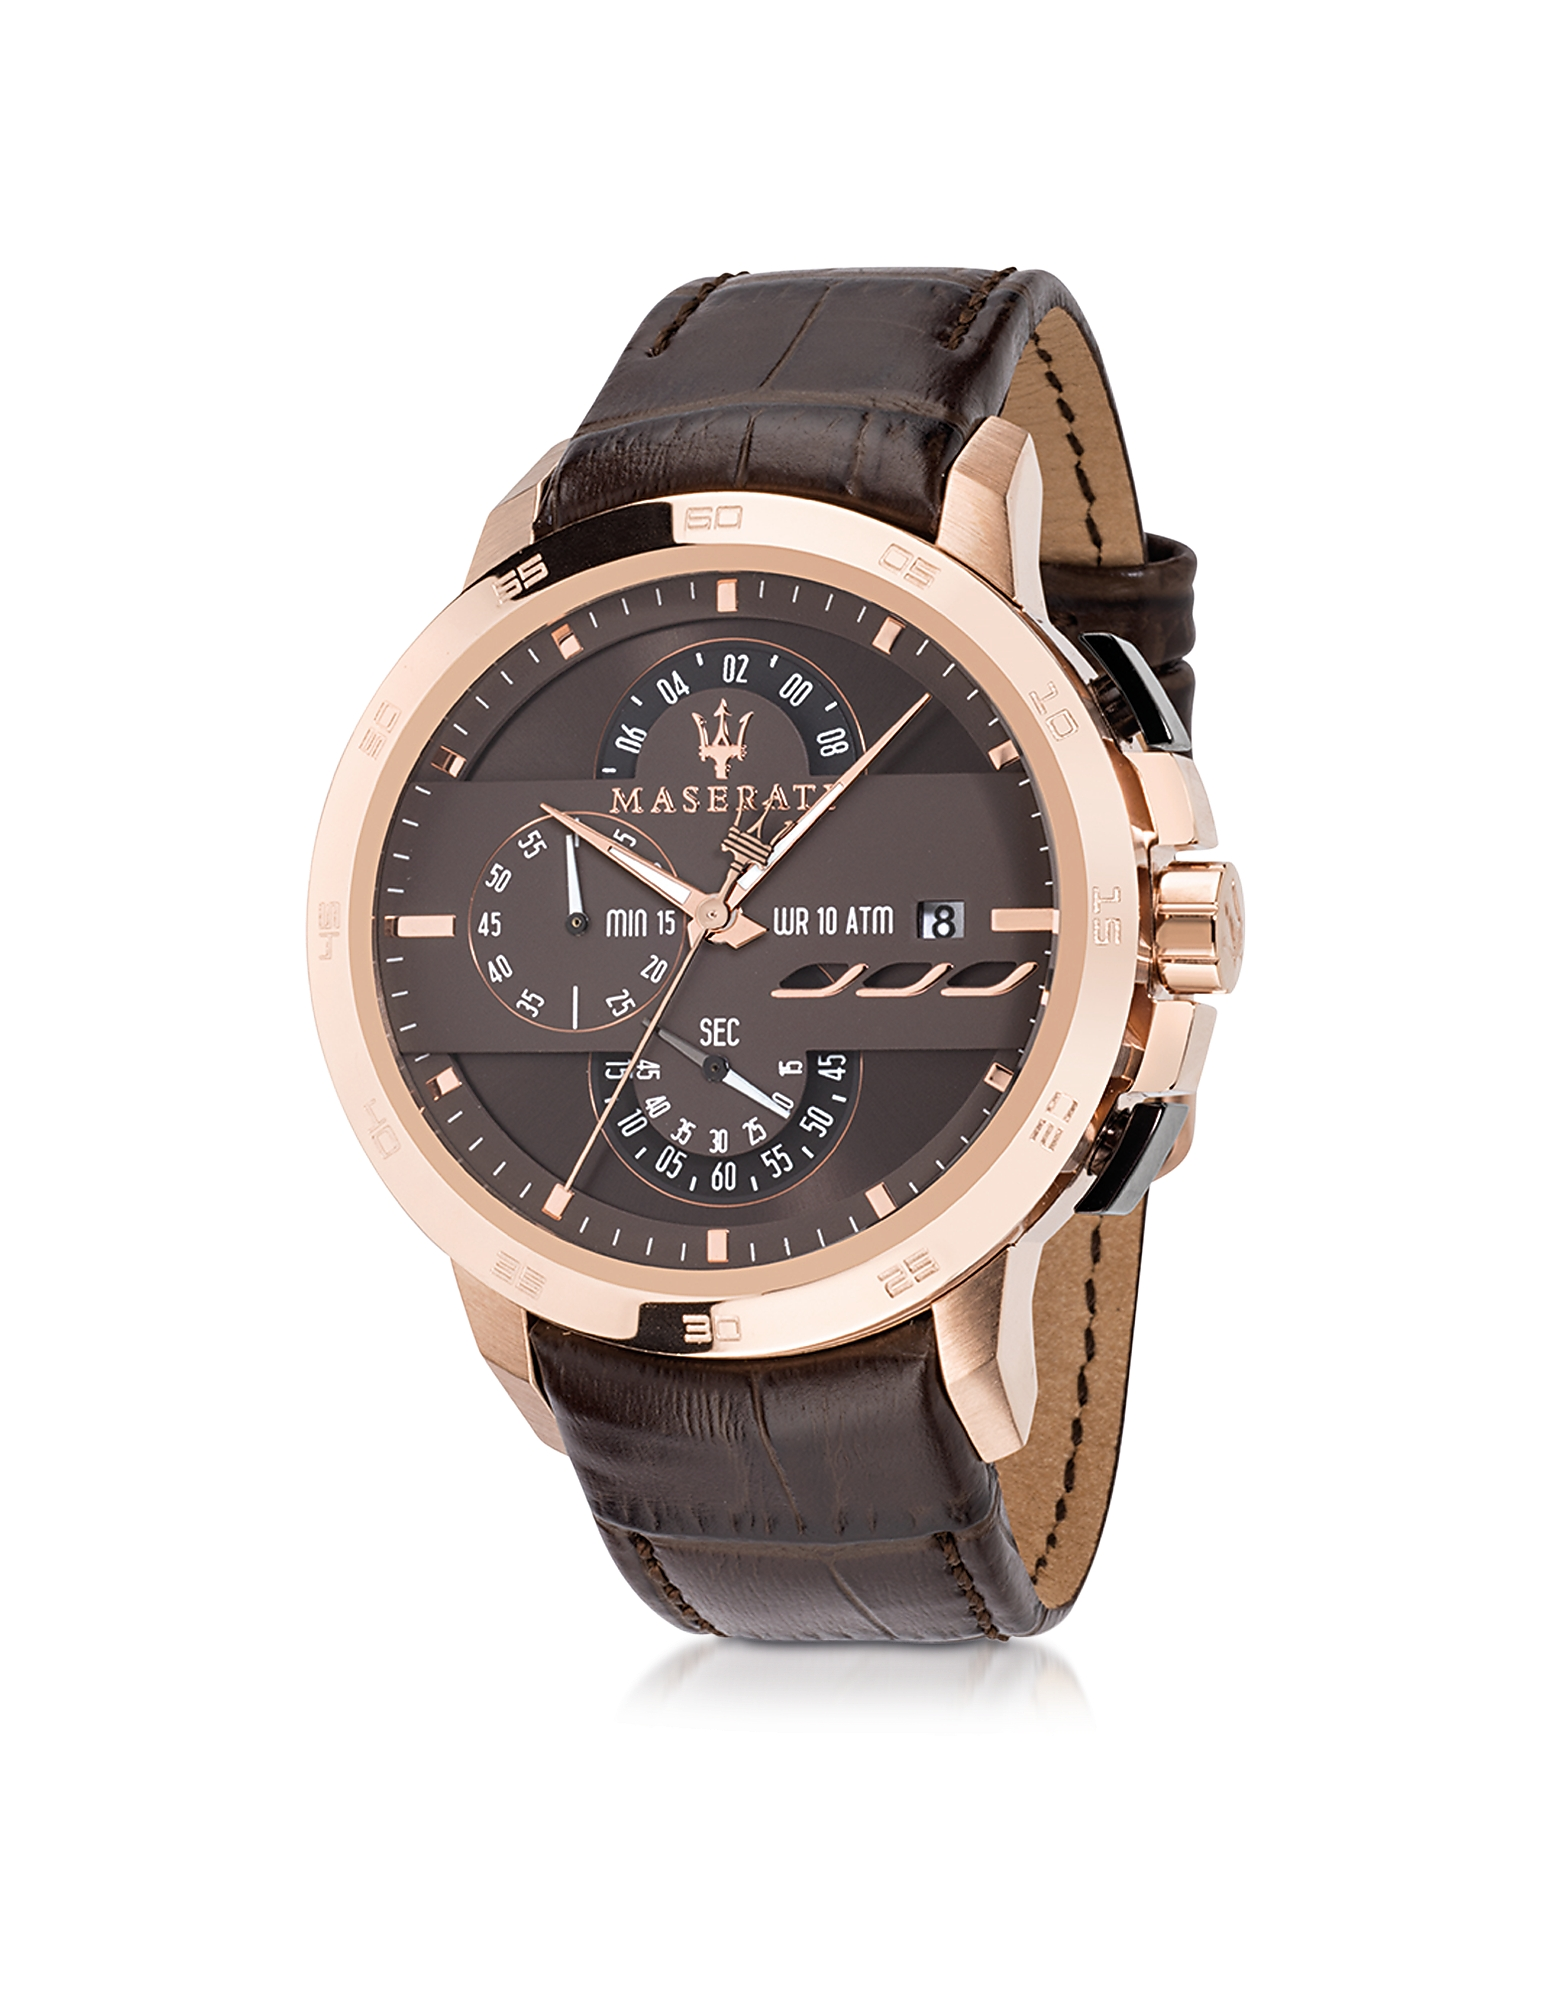 Ingegno - Мужские Часы Хронограф из Нержавеющей Стали Цвета Розового Золота с Коричневым Кожаным Ремешком